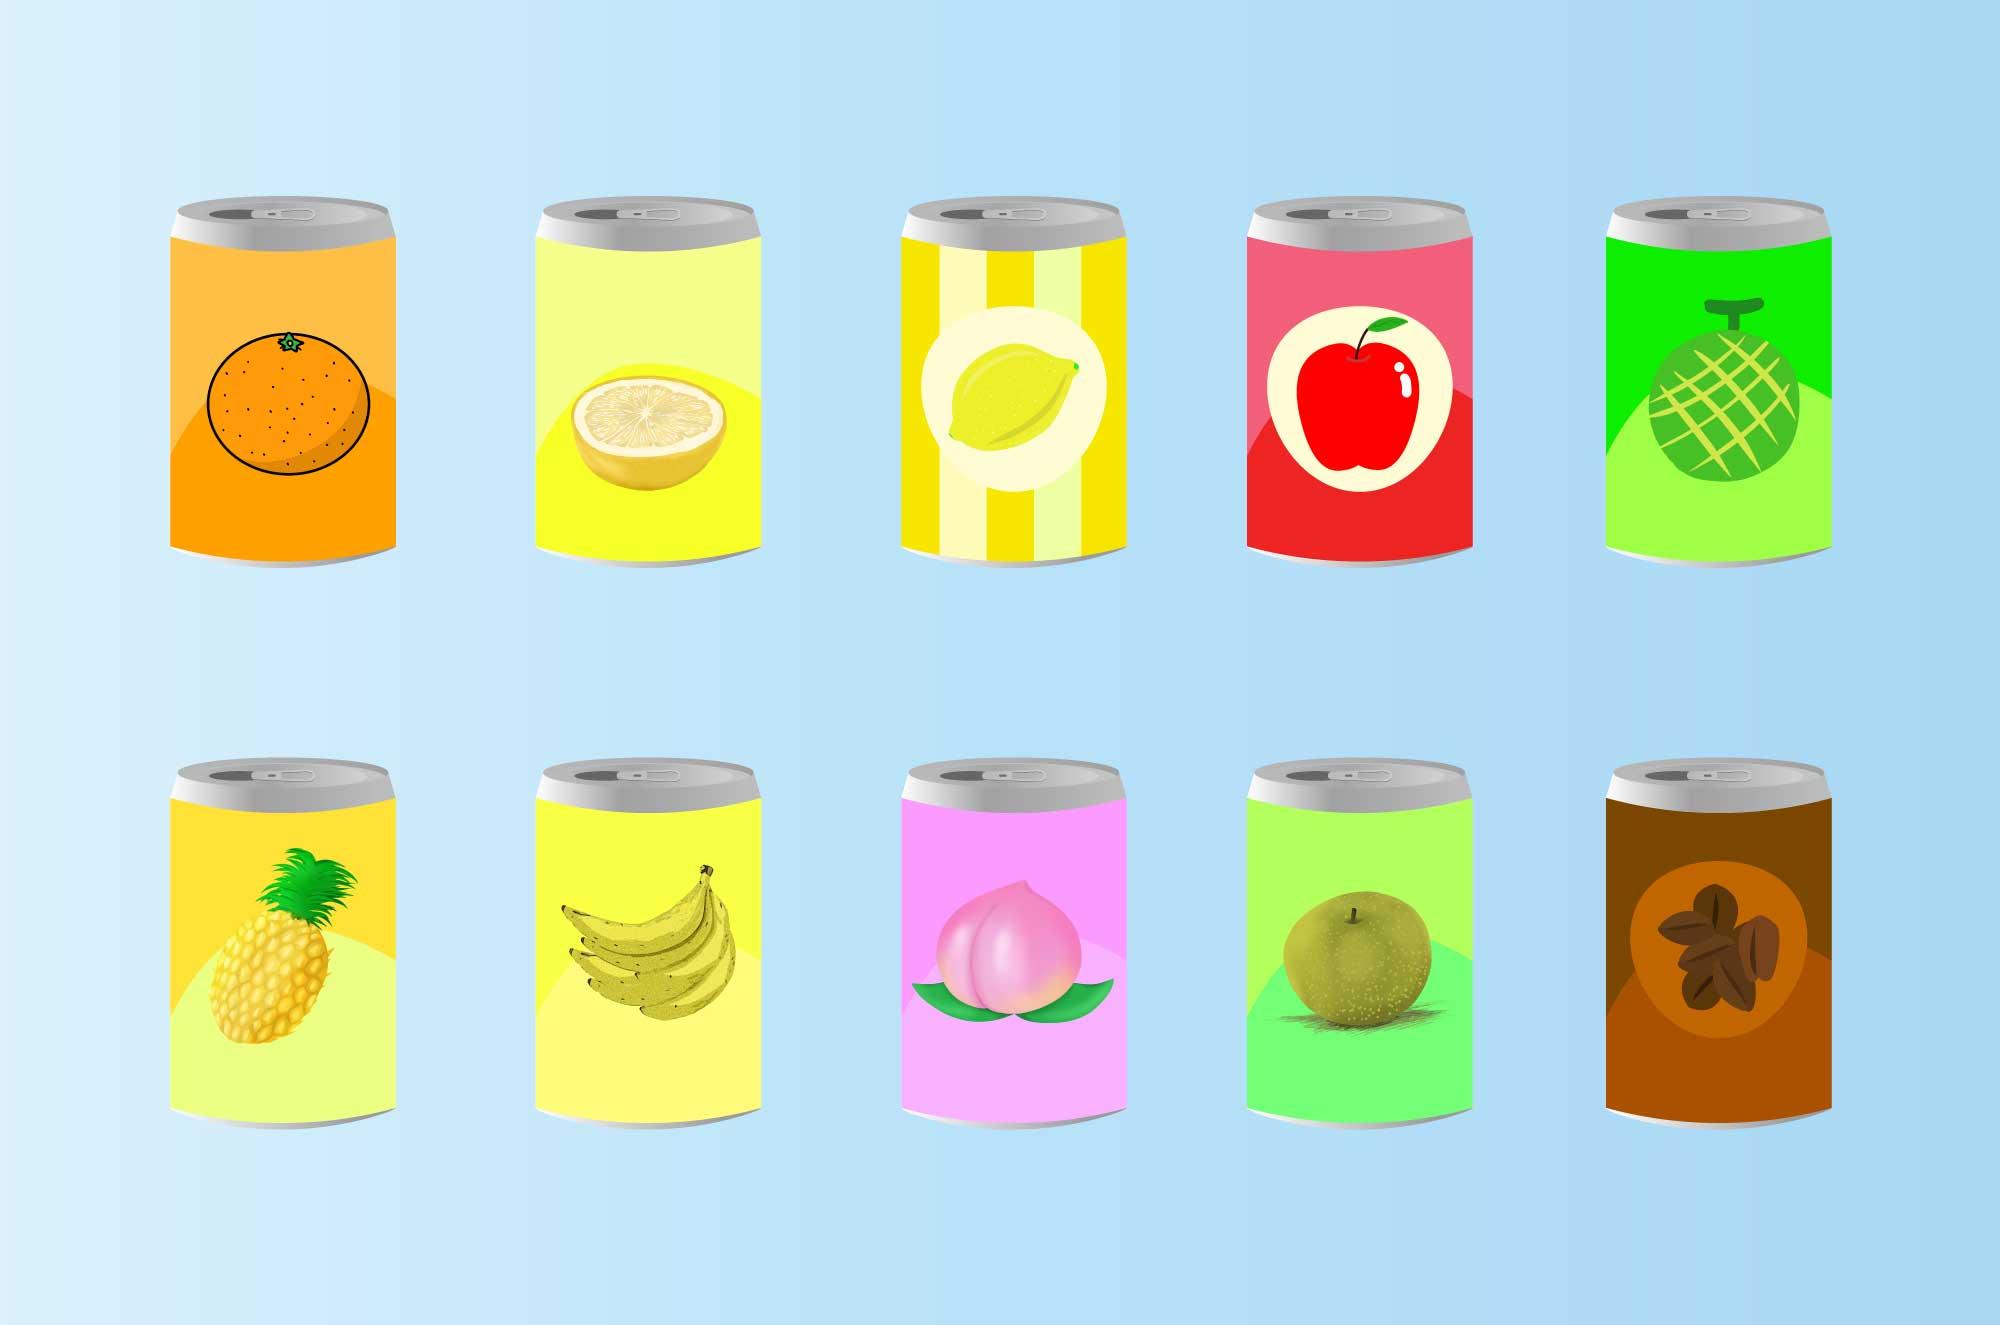 ジュースの無料イラスト - 缶の飲み物イメージ素材